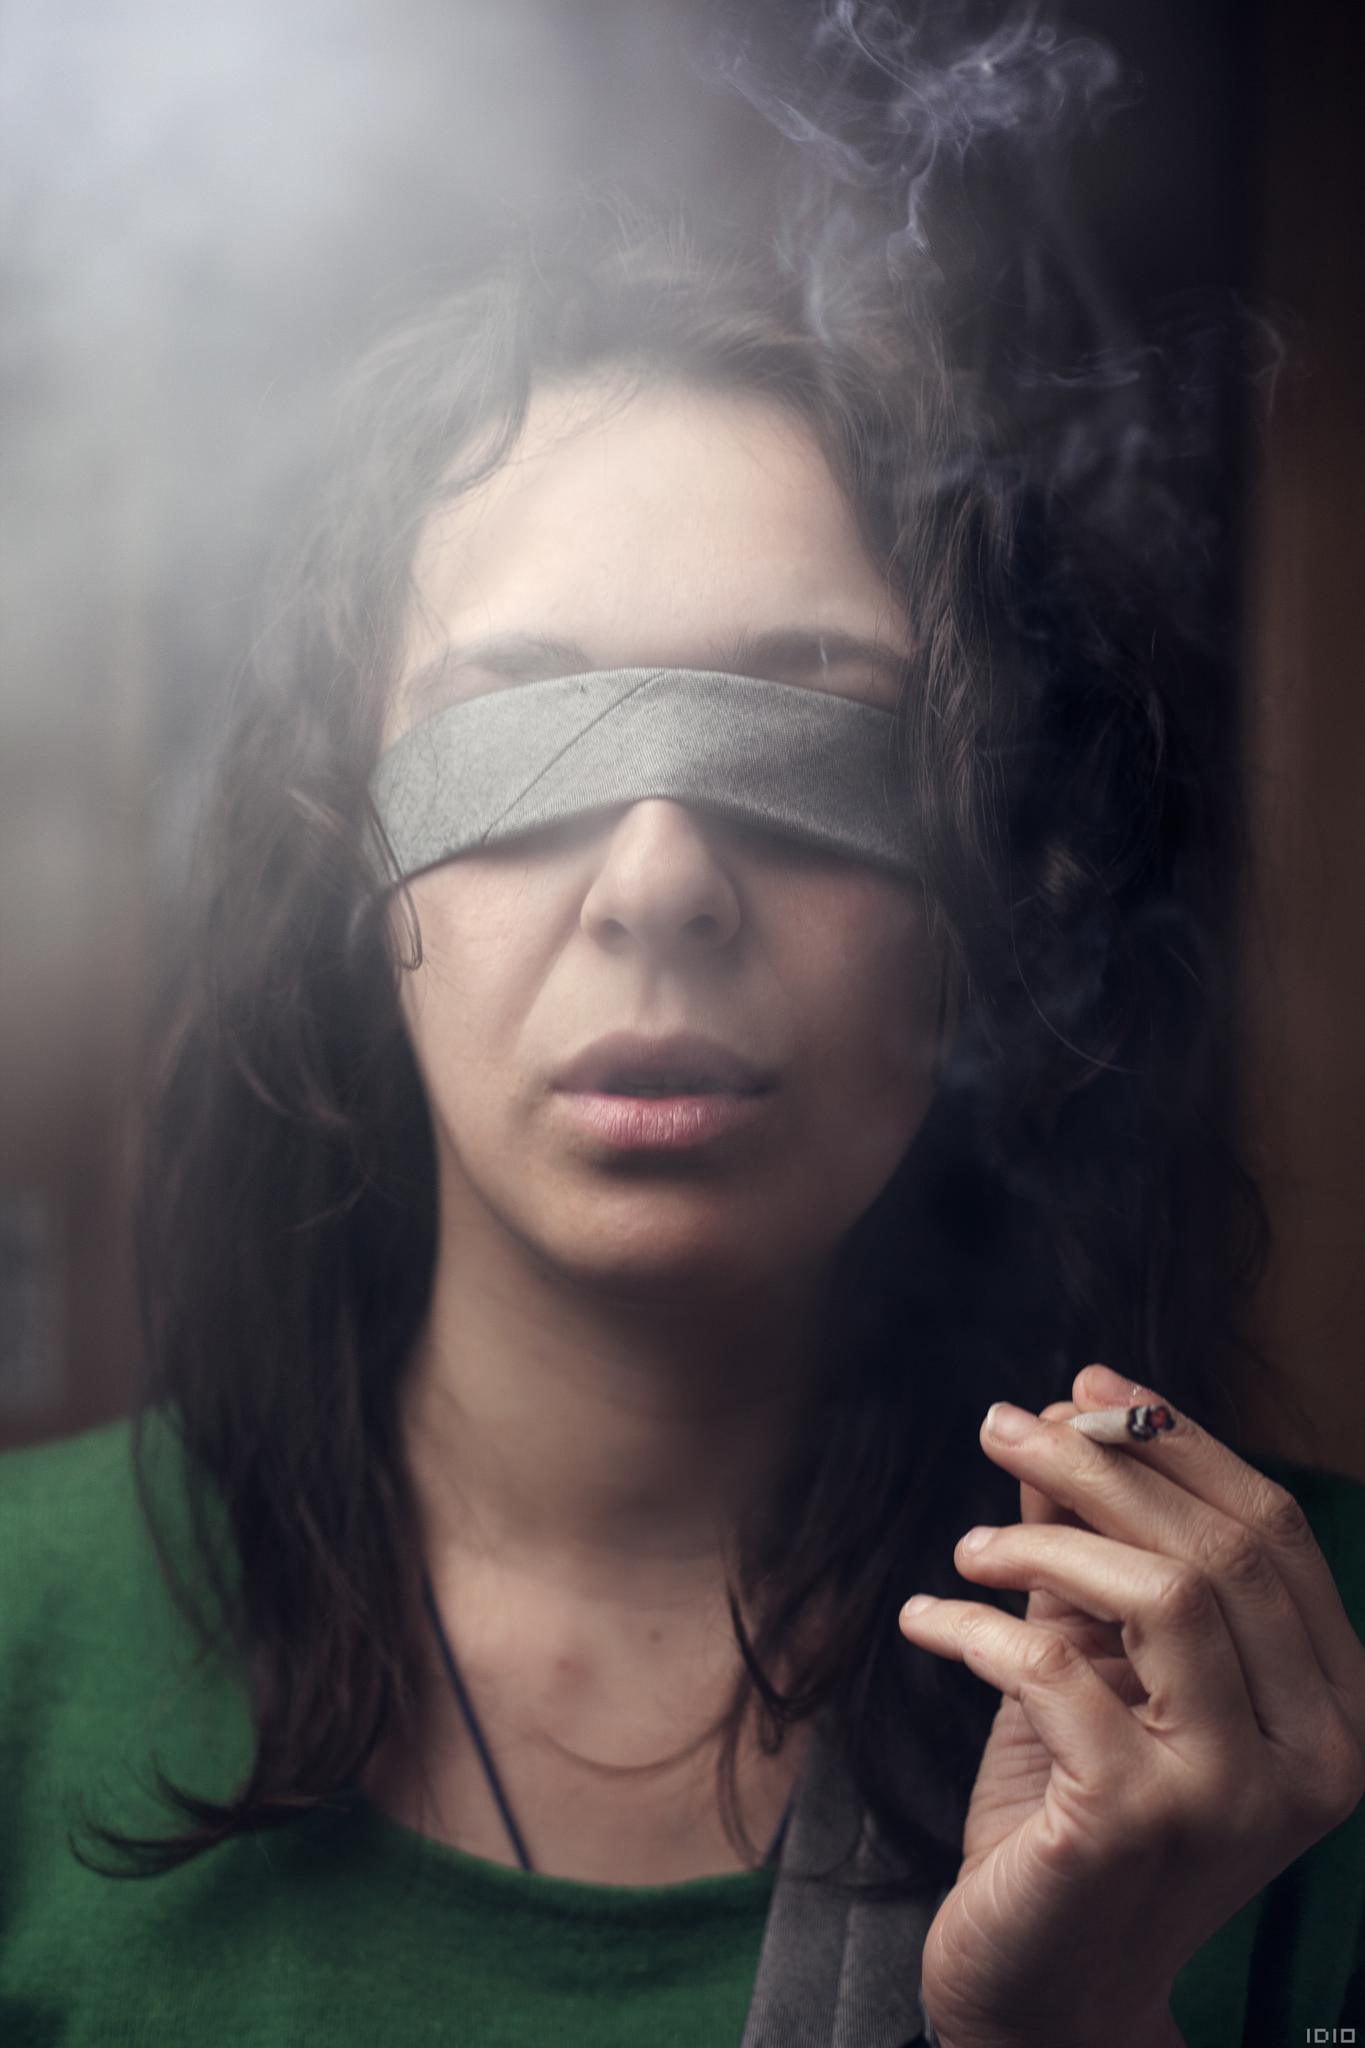 Smoke by antonio.idiosincrasia